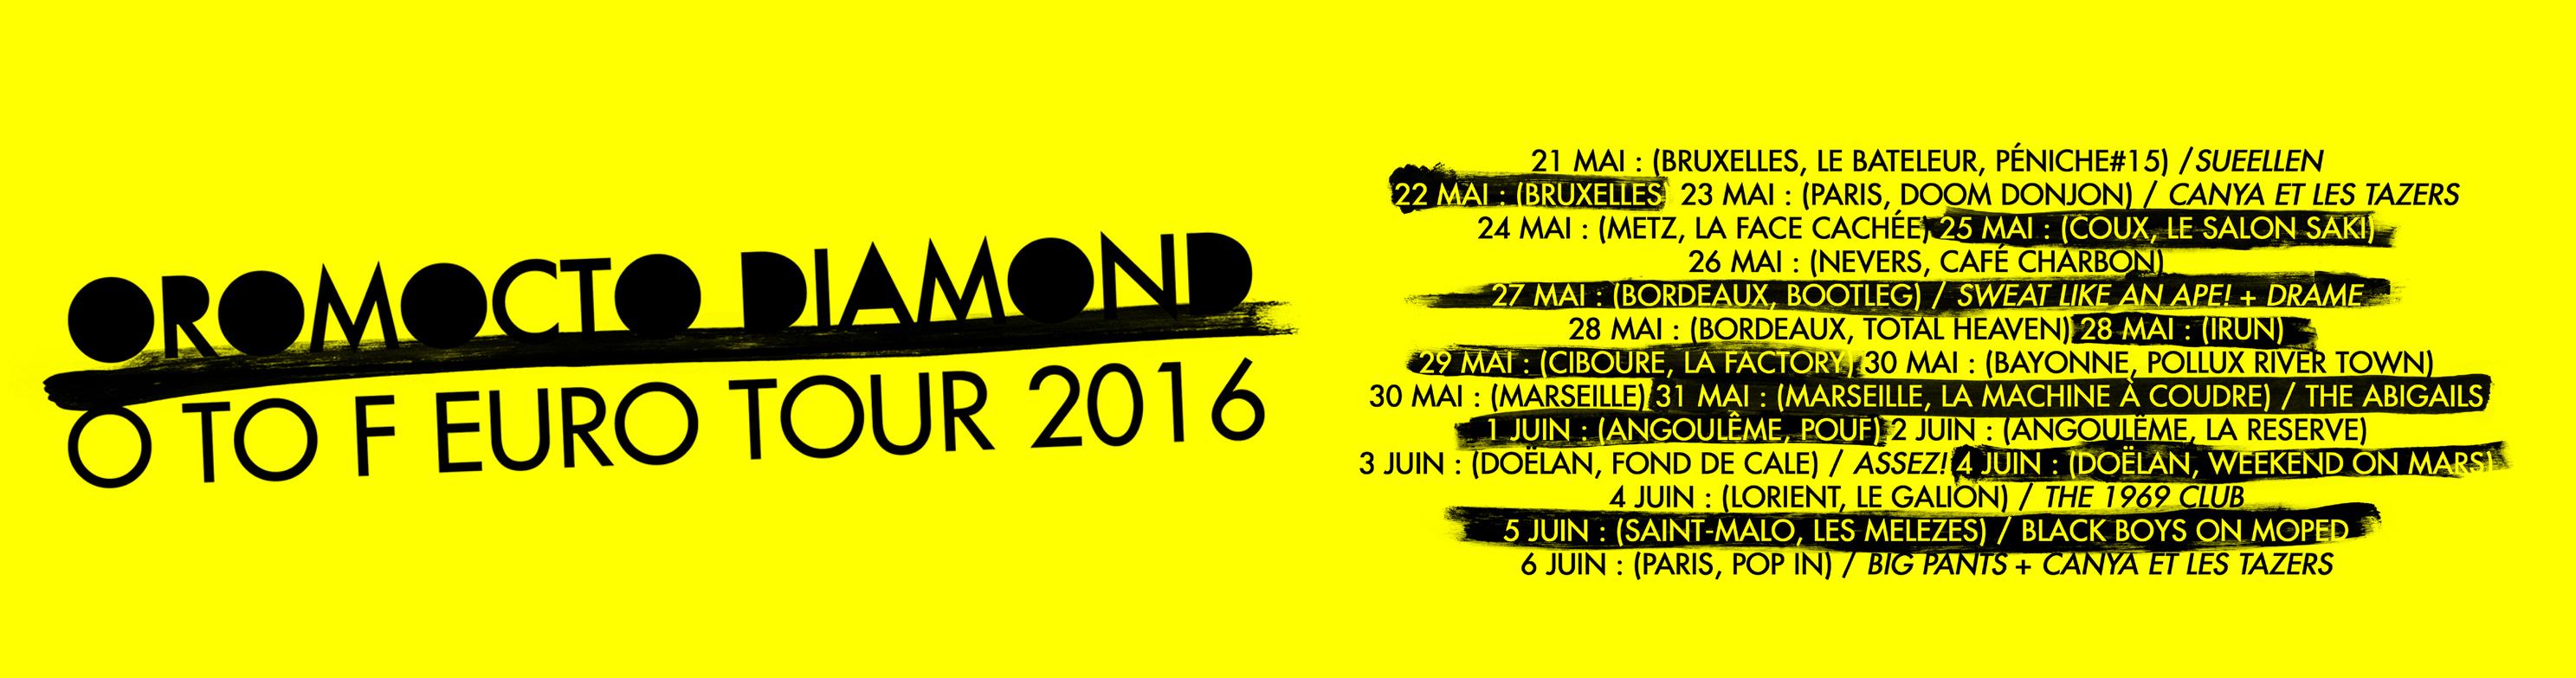 Oromocto Diamond Europe Tour